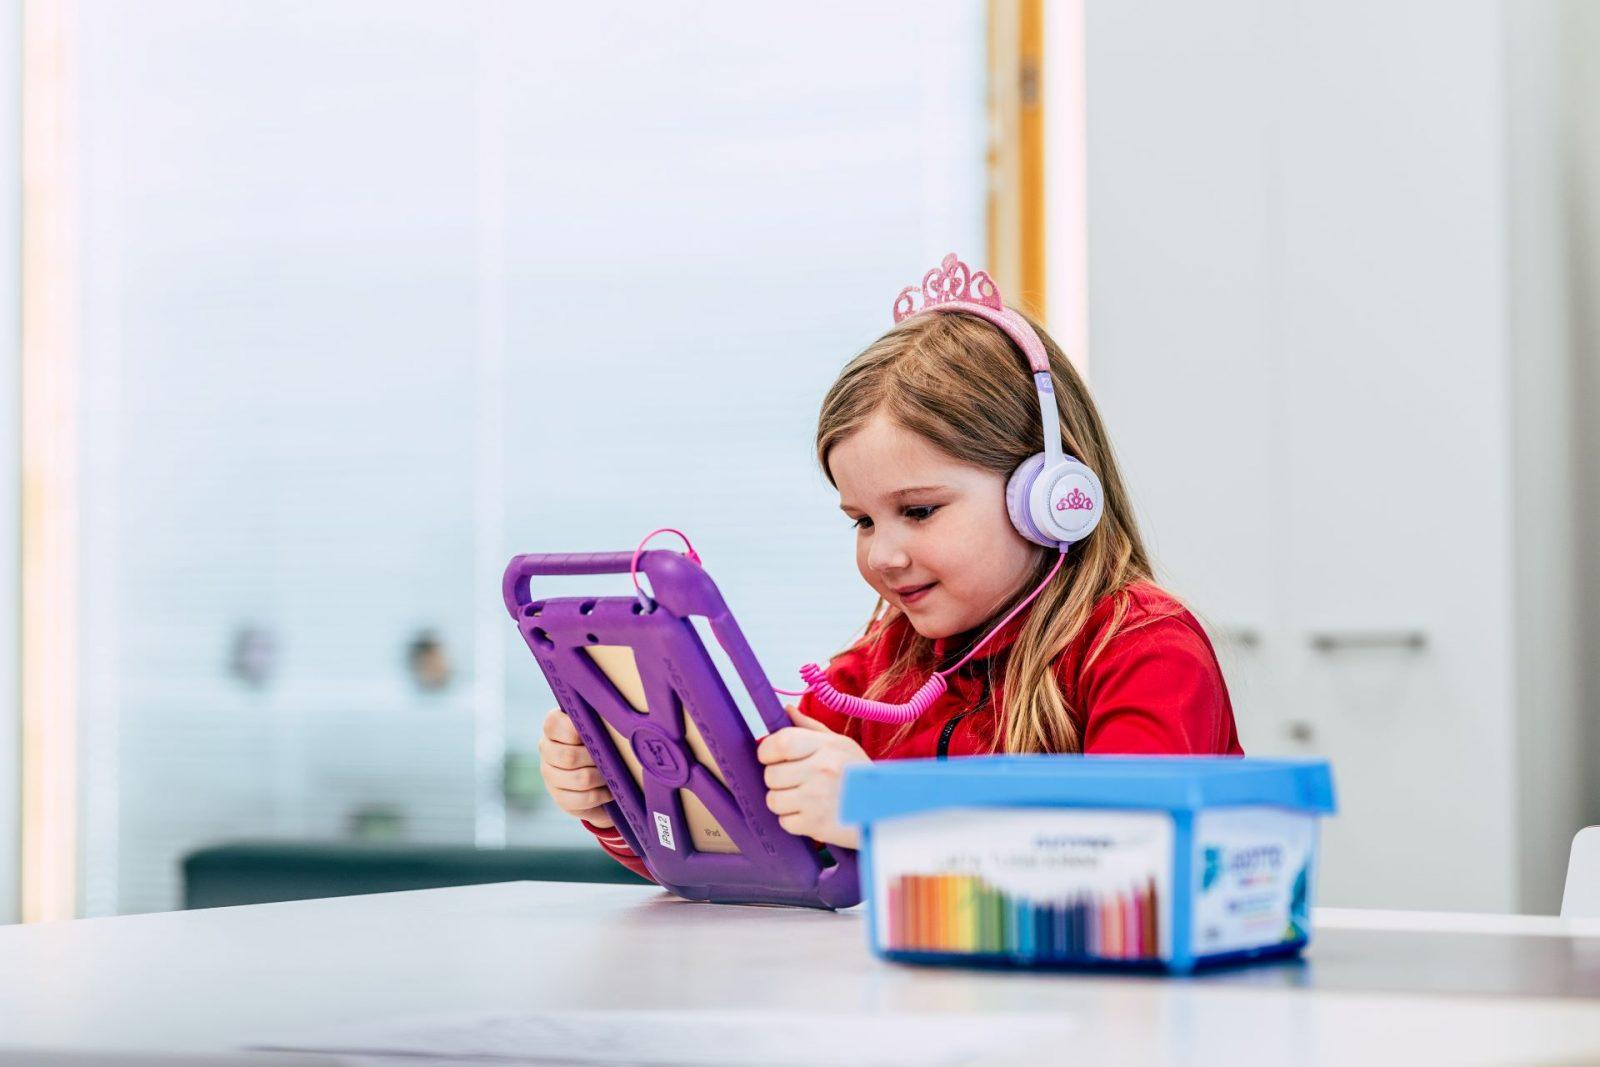 Lapset käyttävät sujuvasti Ipadeja oppimiseen